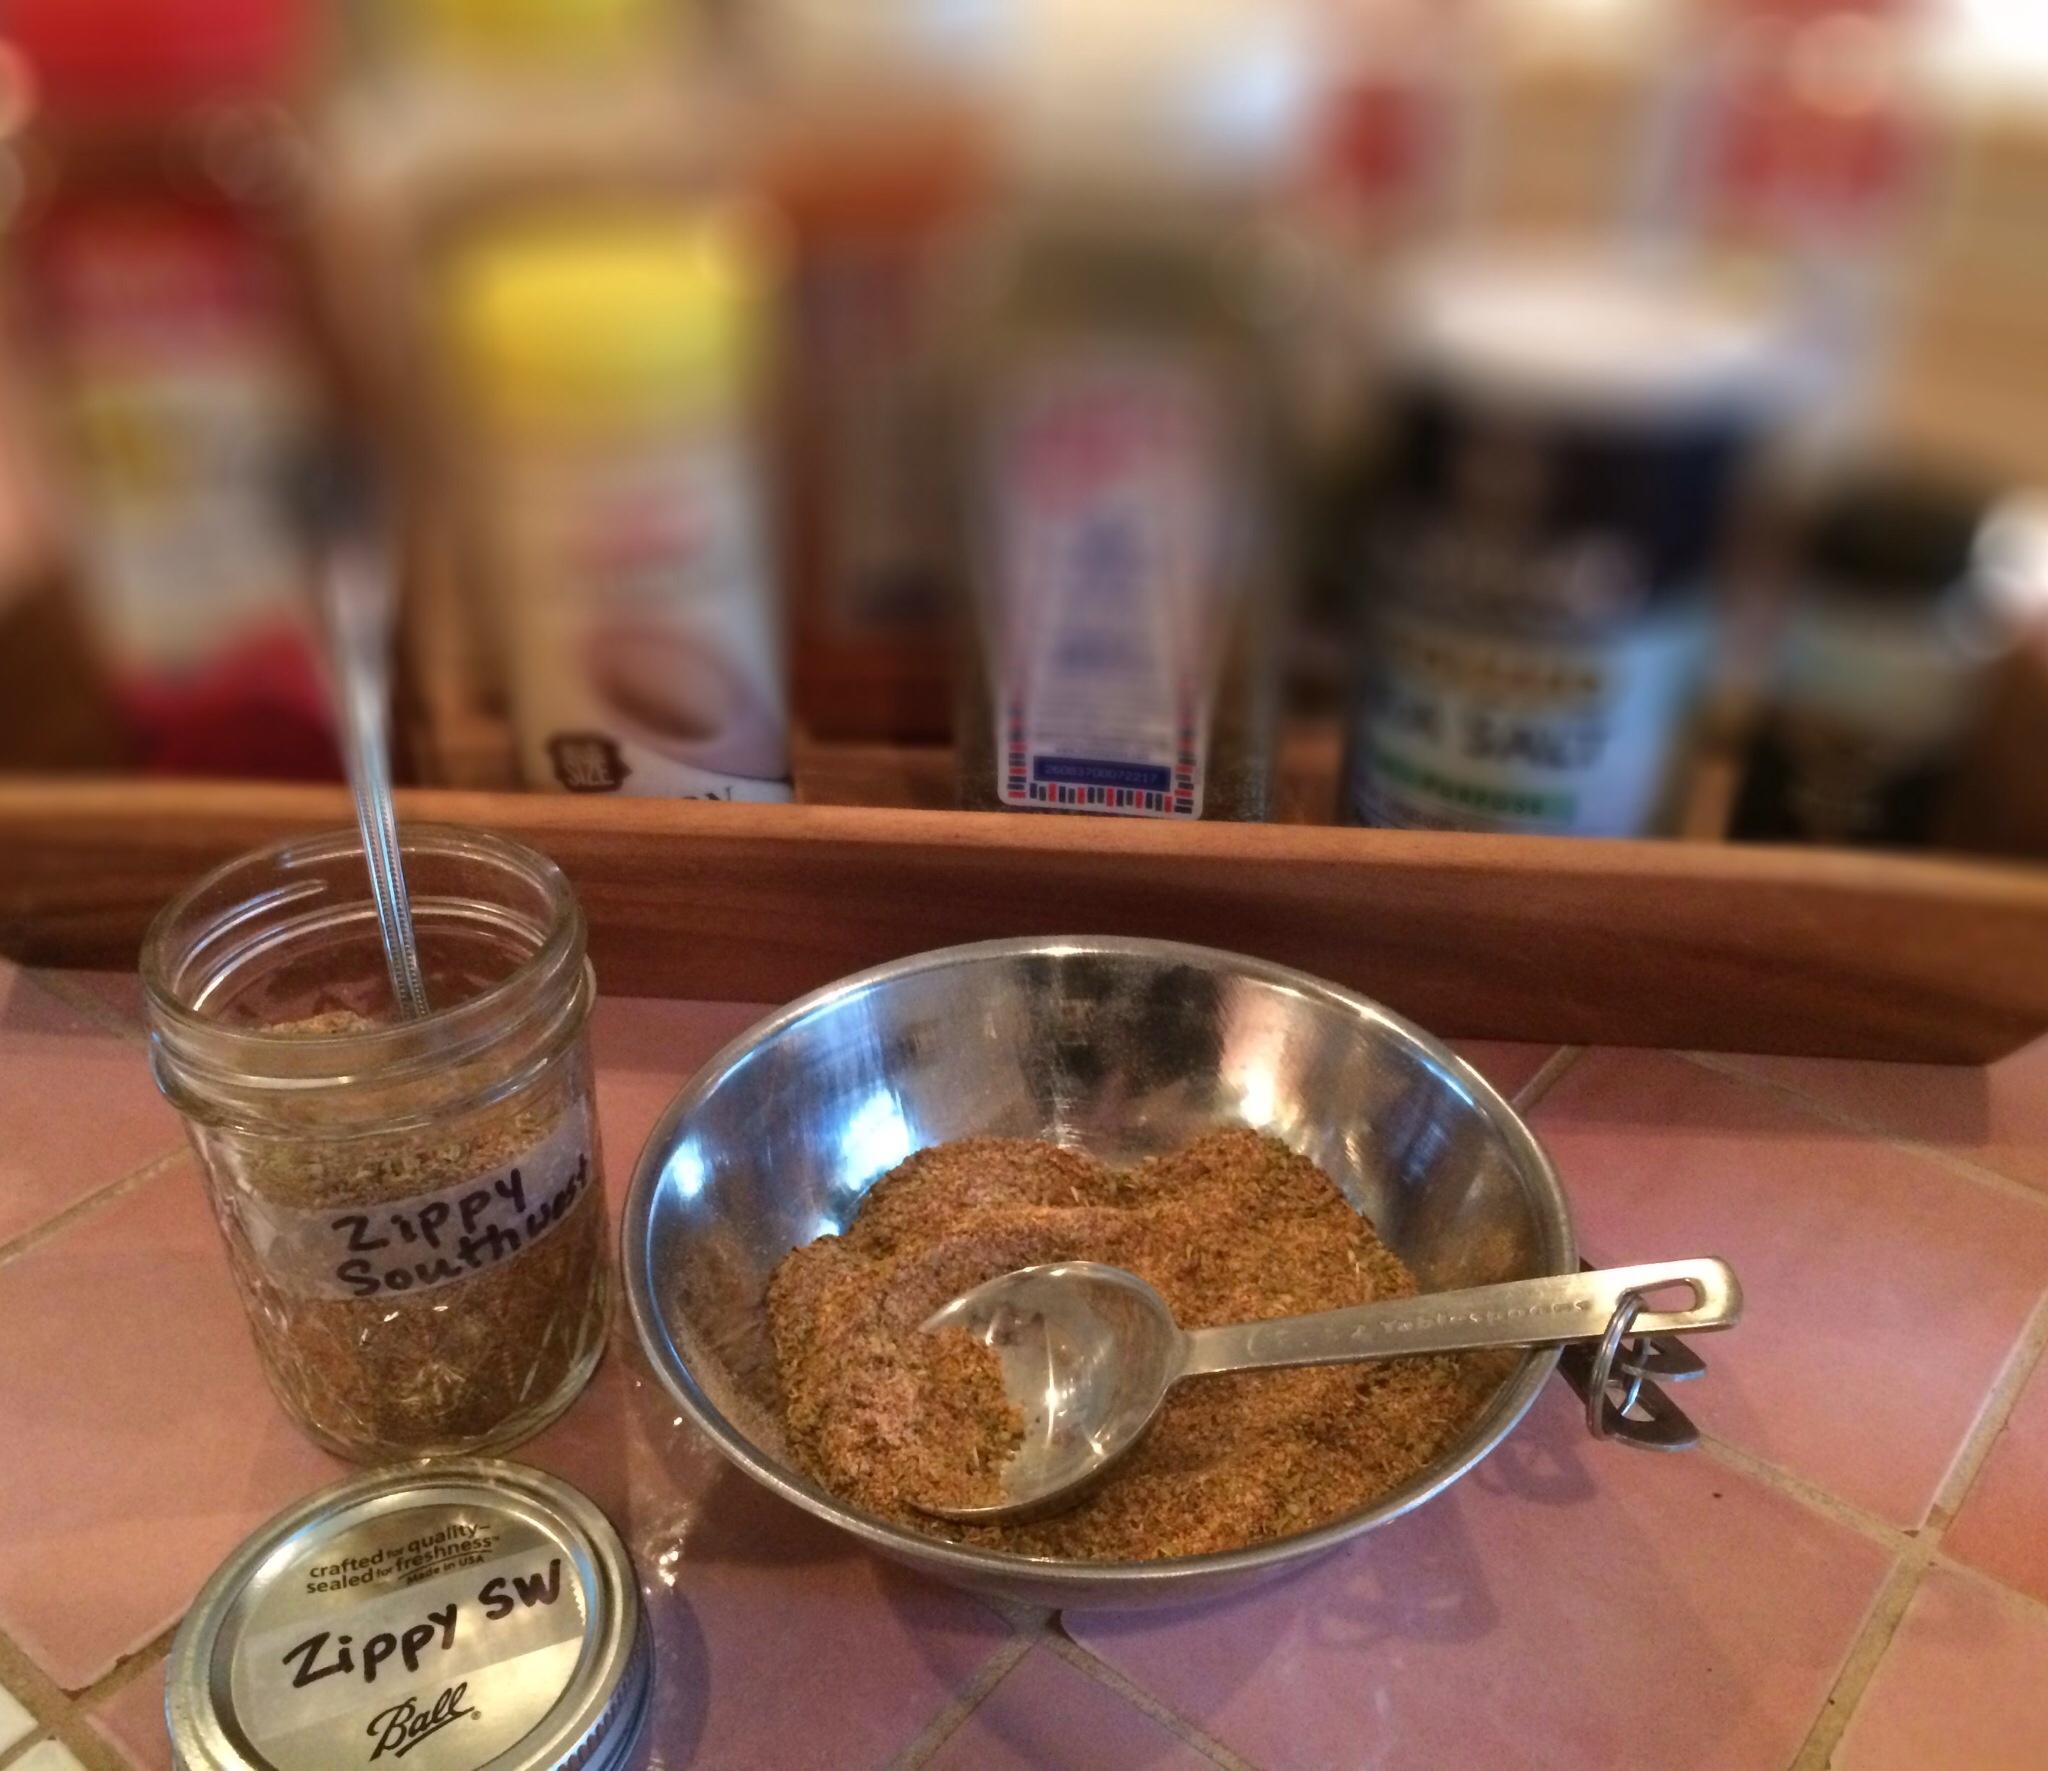 Zippy Southwest Spice Mix